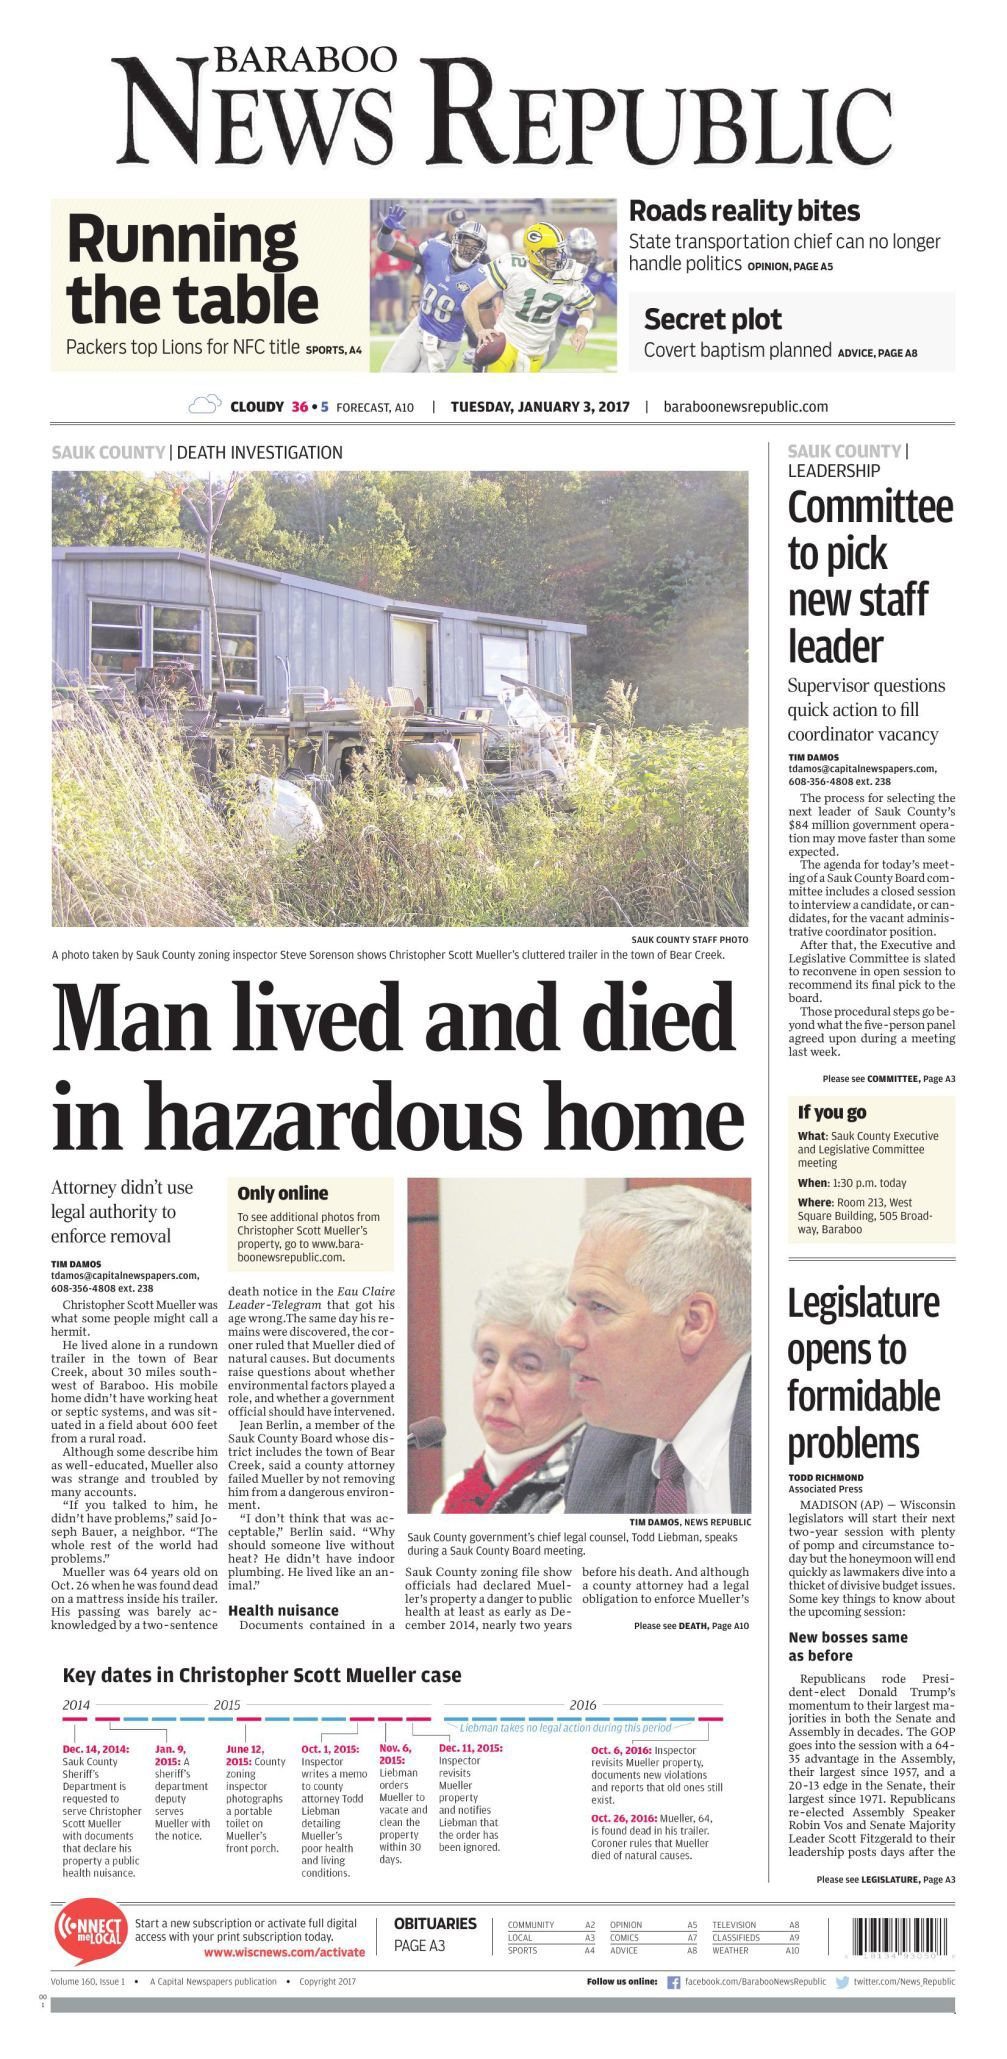 Sauk County man lived, died in health hazard